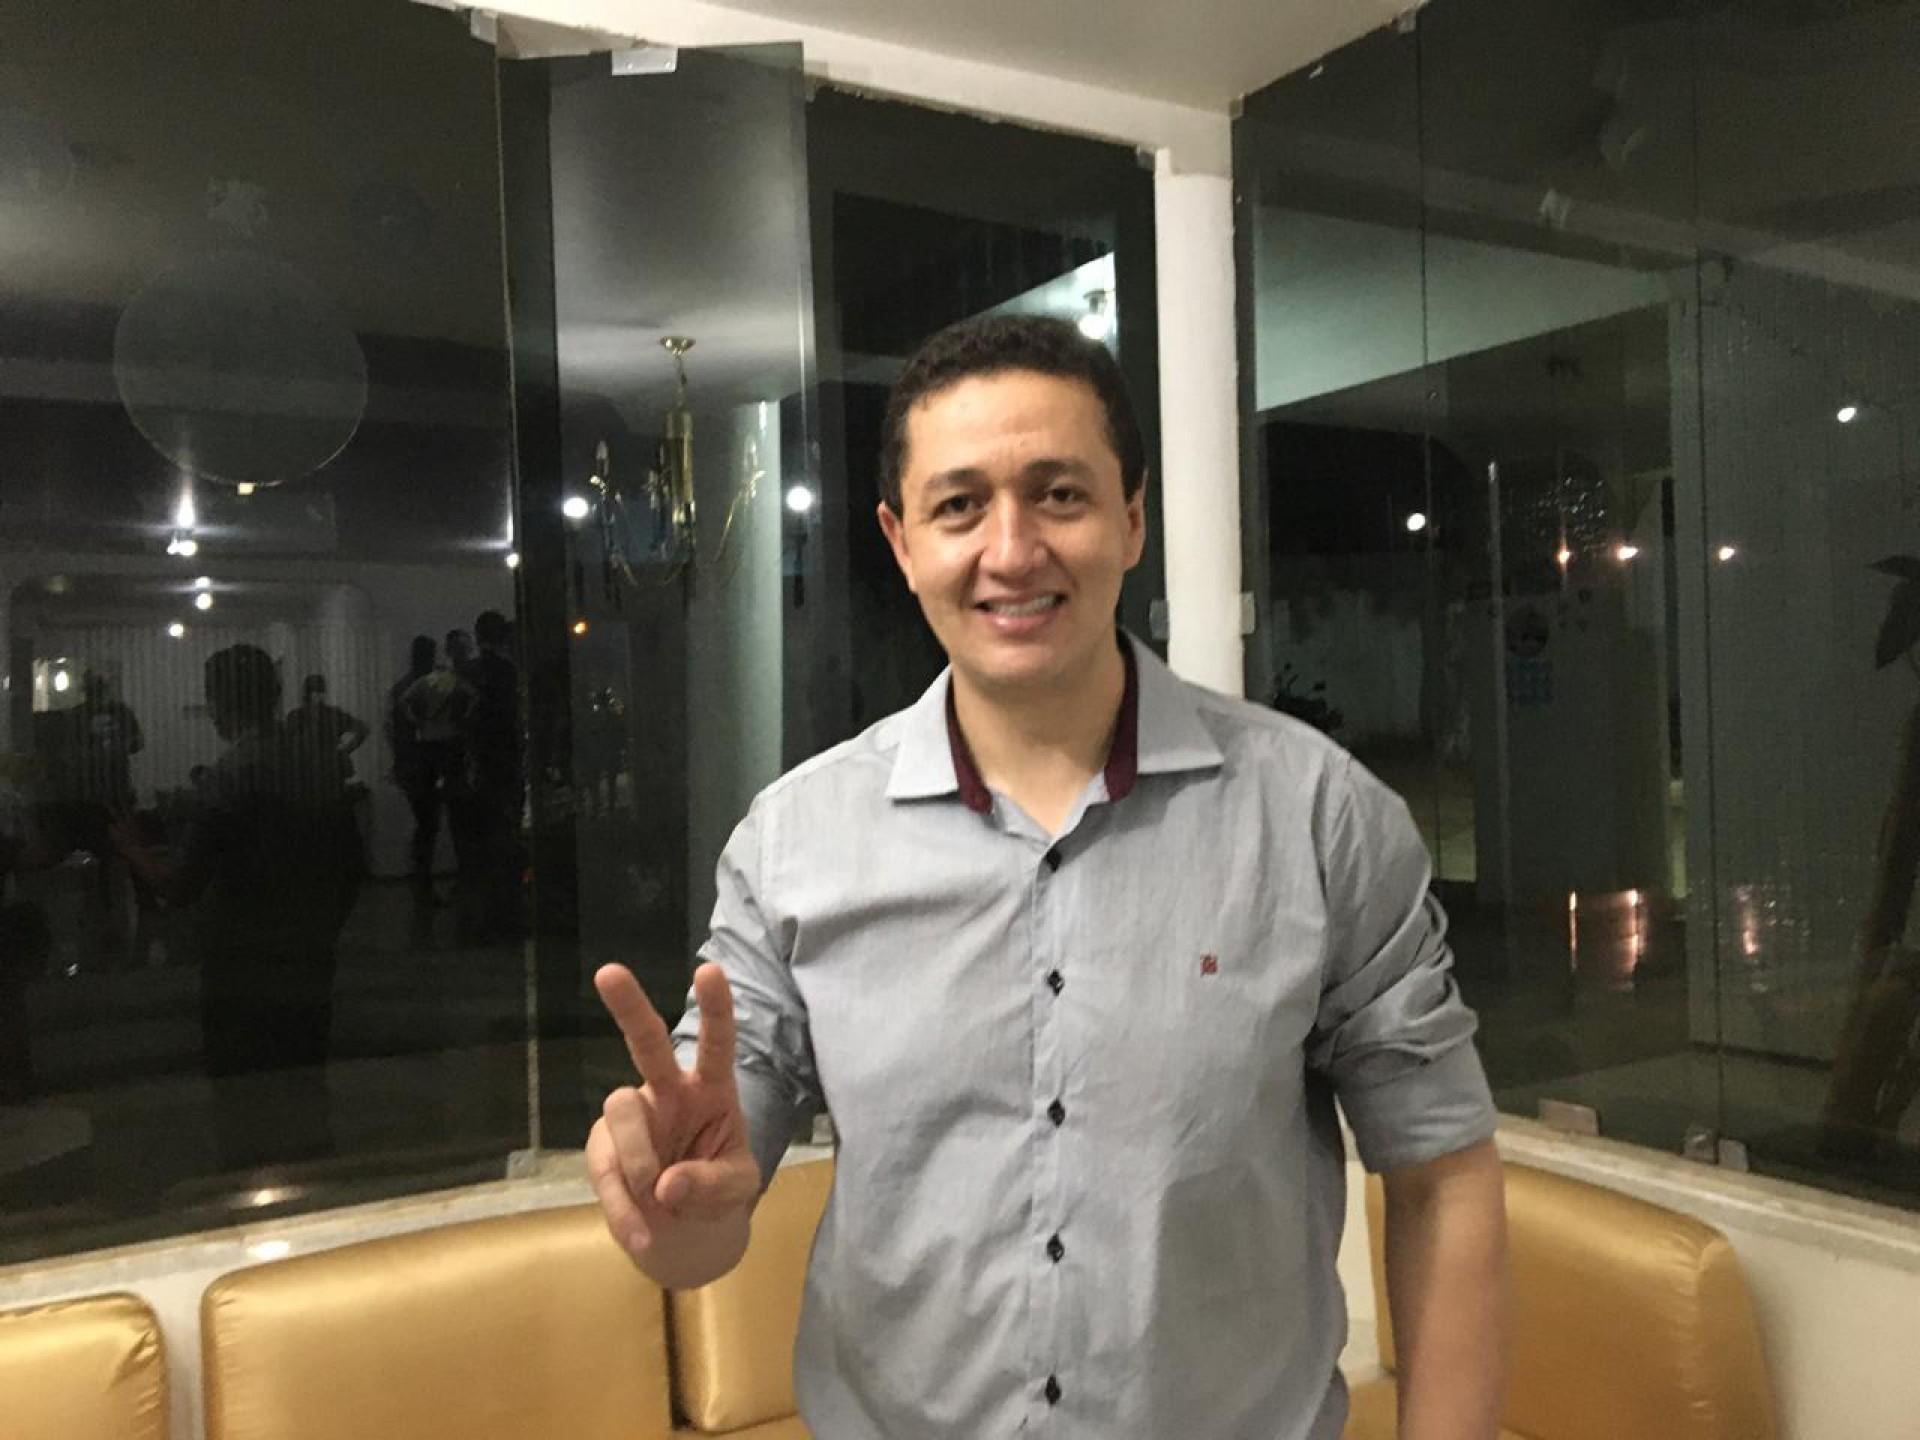 Glêdson Bezerra, prefeito de Juazeiro do Norte, foi empossado nesta sexta-feira, 1º